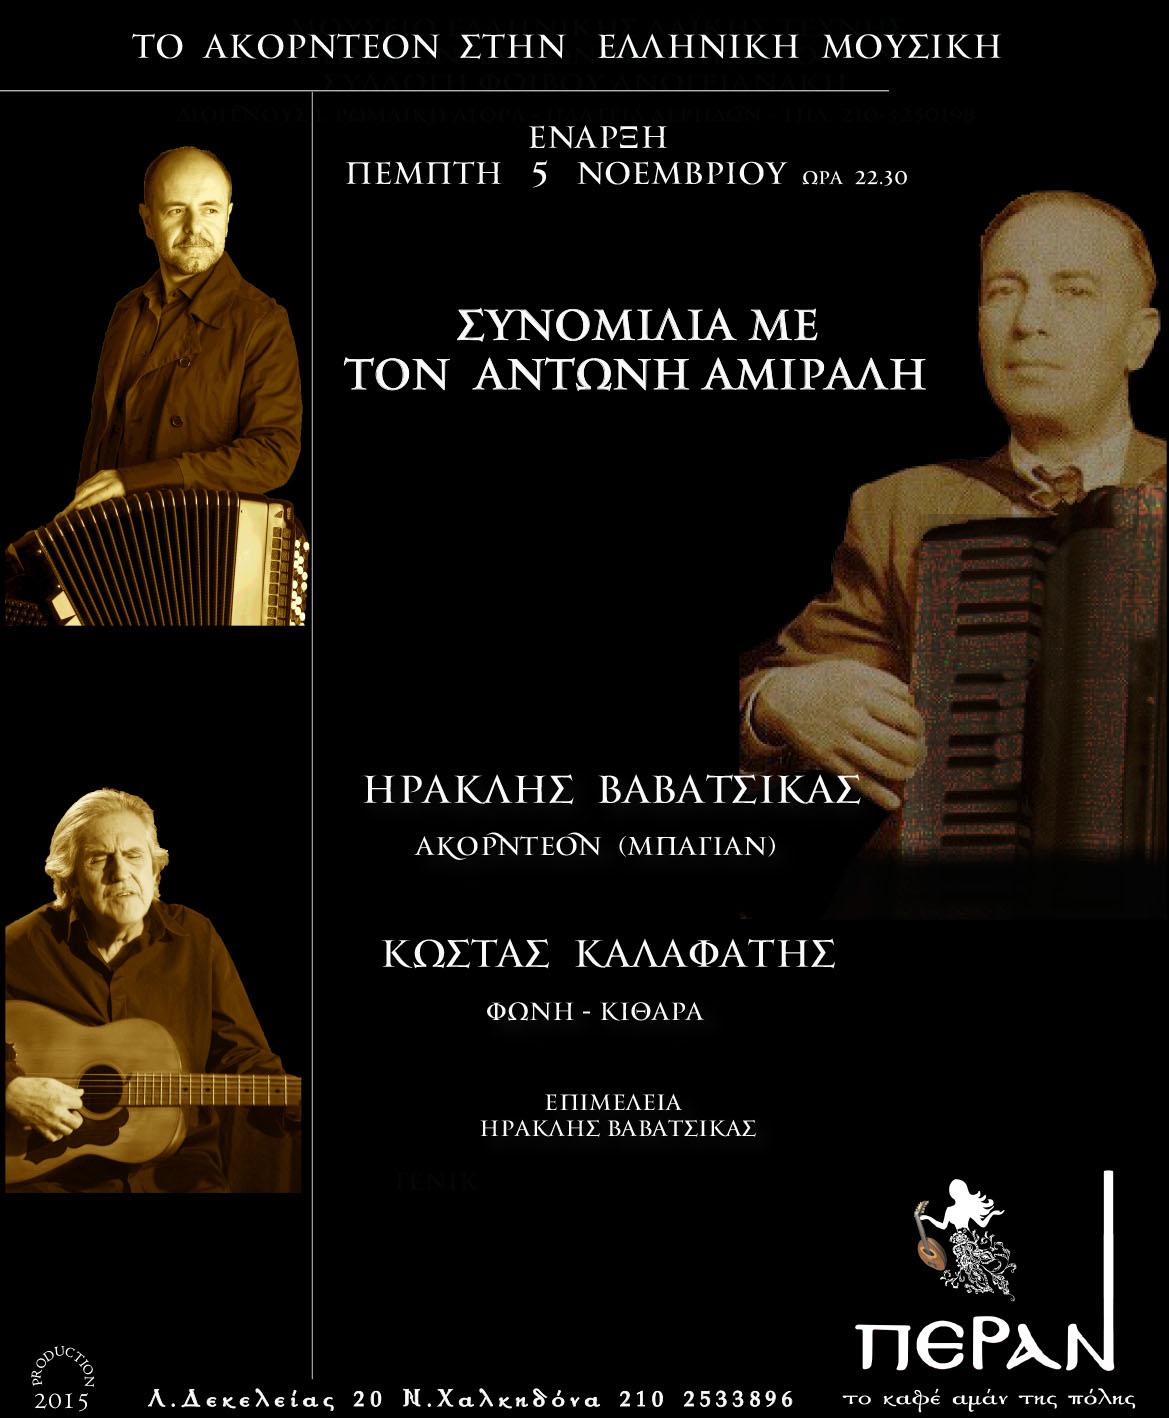 VAVATSIKAS-AMIRALIS